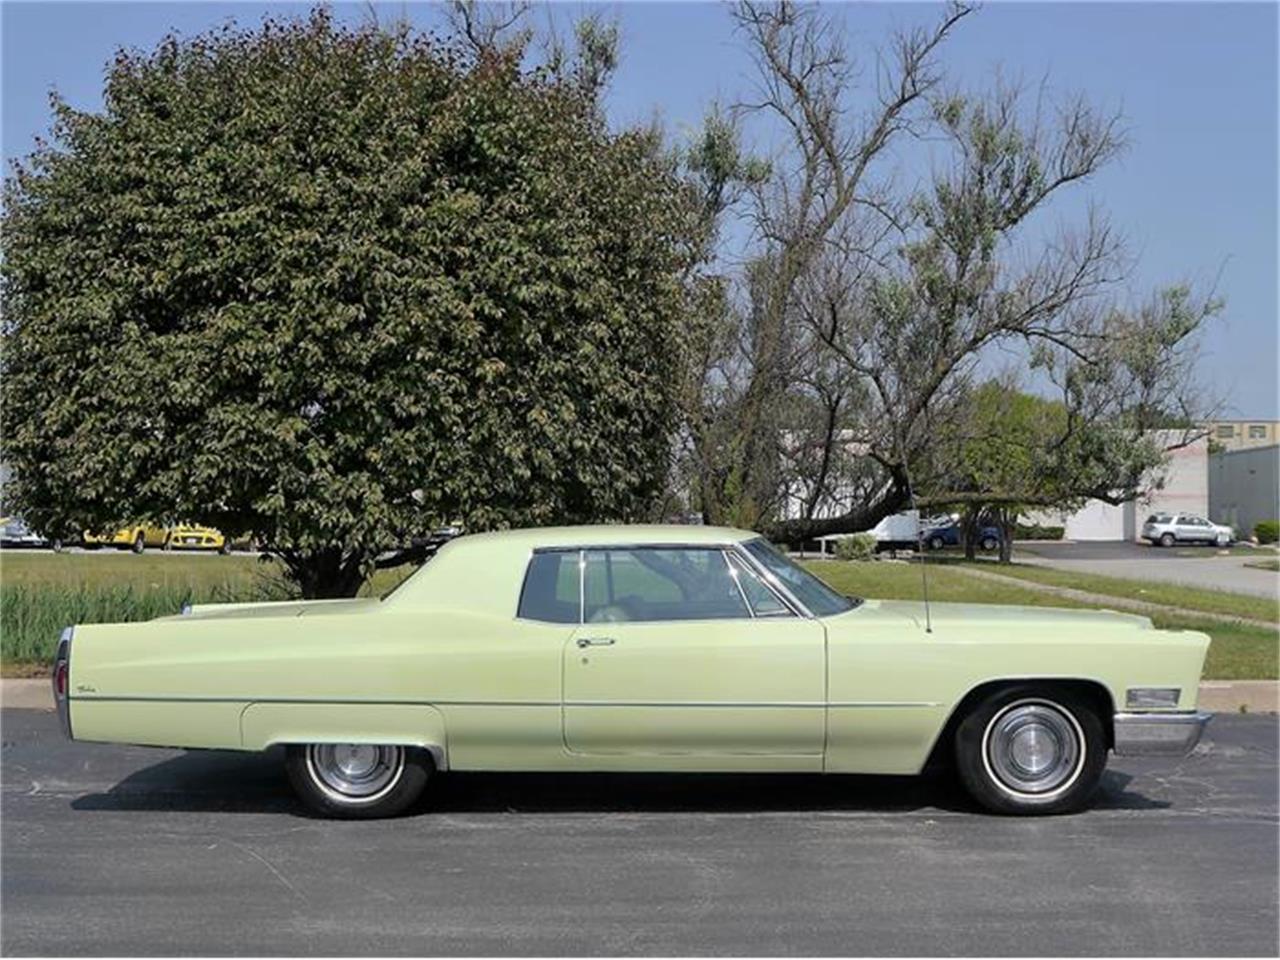 1968 Cadillac Calais For Sale Classiccars Com Cc 874104